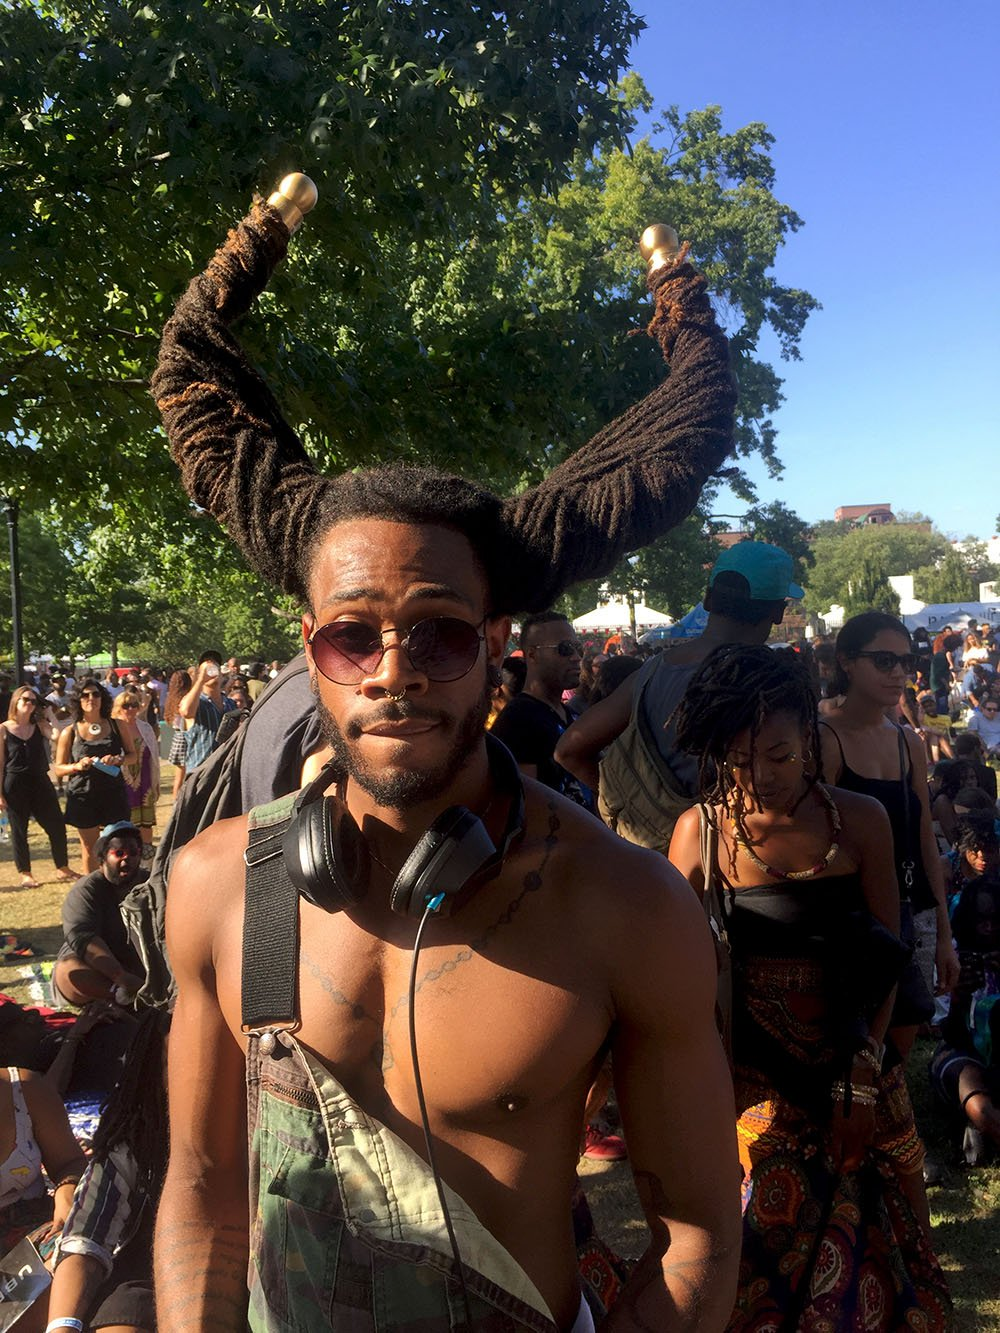 griot-mag-afropunk-festival-inno-alla-diversita-divesity-e-allo-stile-new-york-brooklyn-73-©johanne affricot